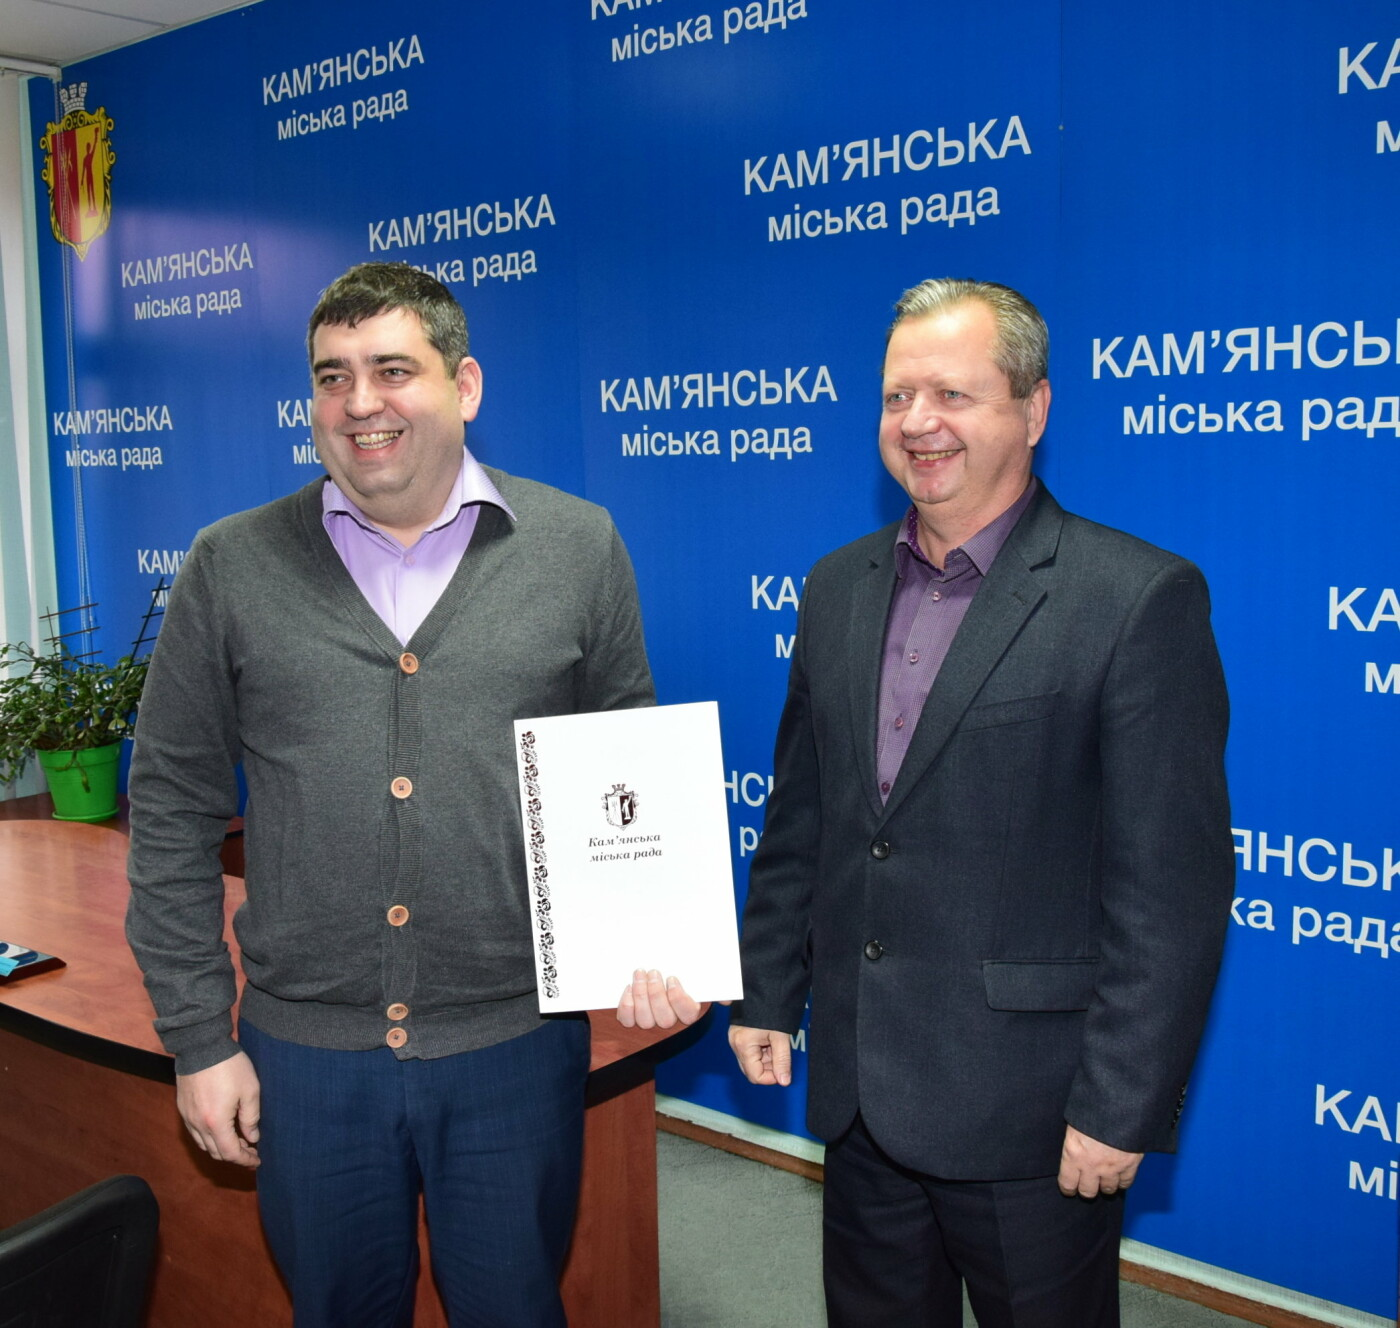 В Каменском подвели итоги работы и наградили лучших сотрудников «Центра пробации», фото-2